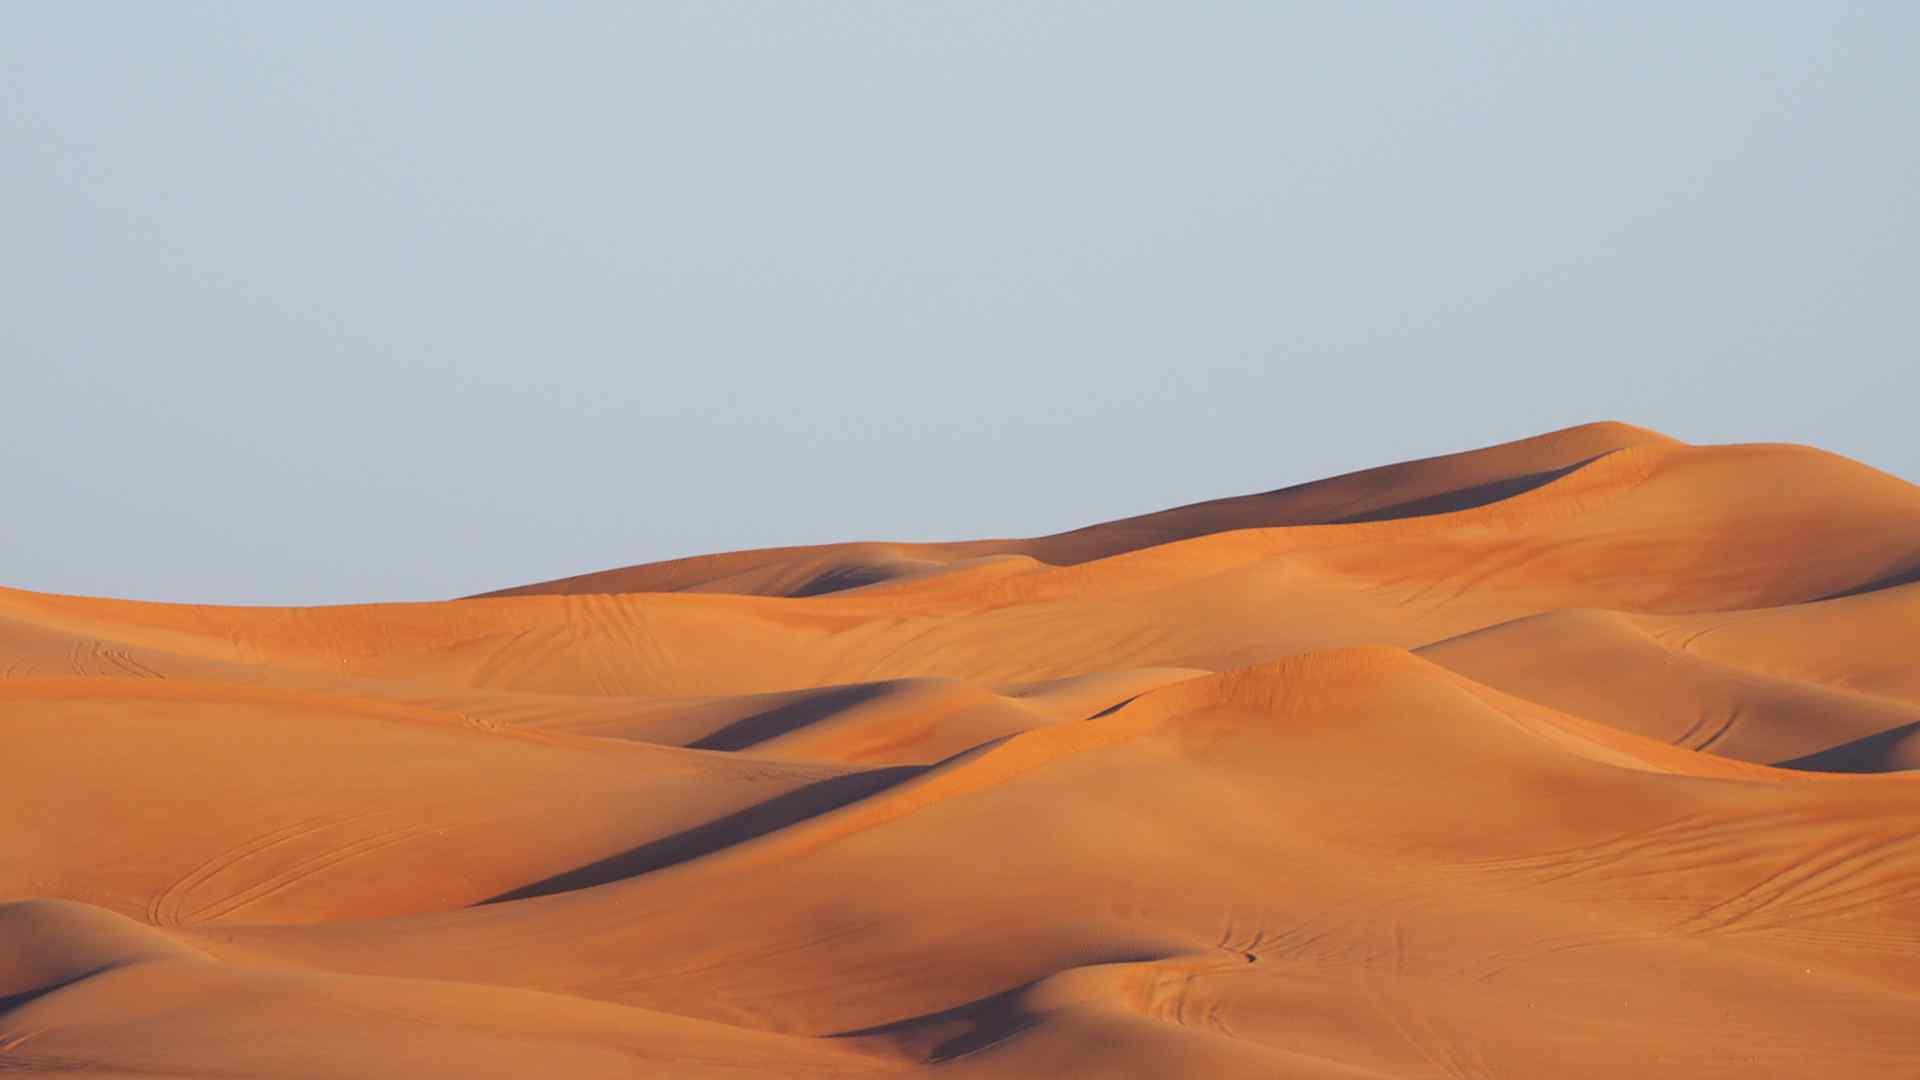 沙漠风光图片高清桌面壁纸